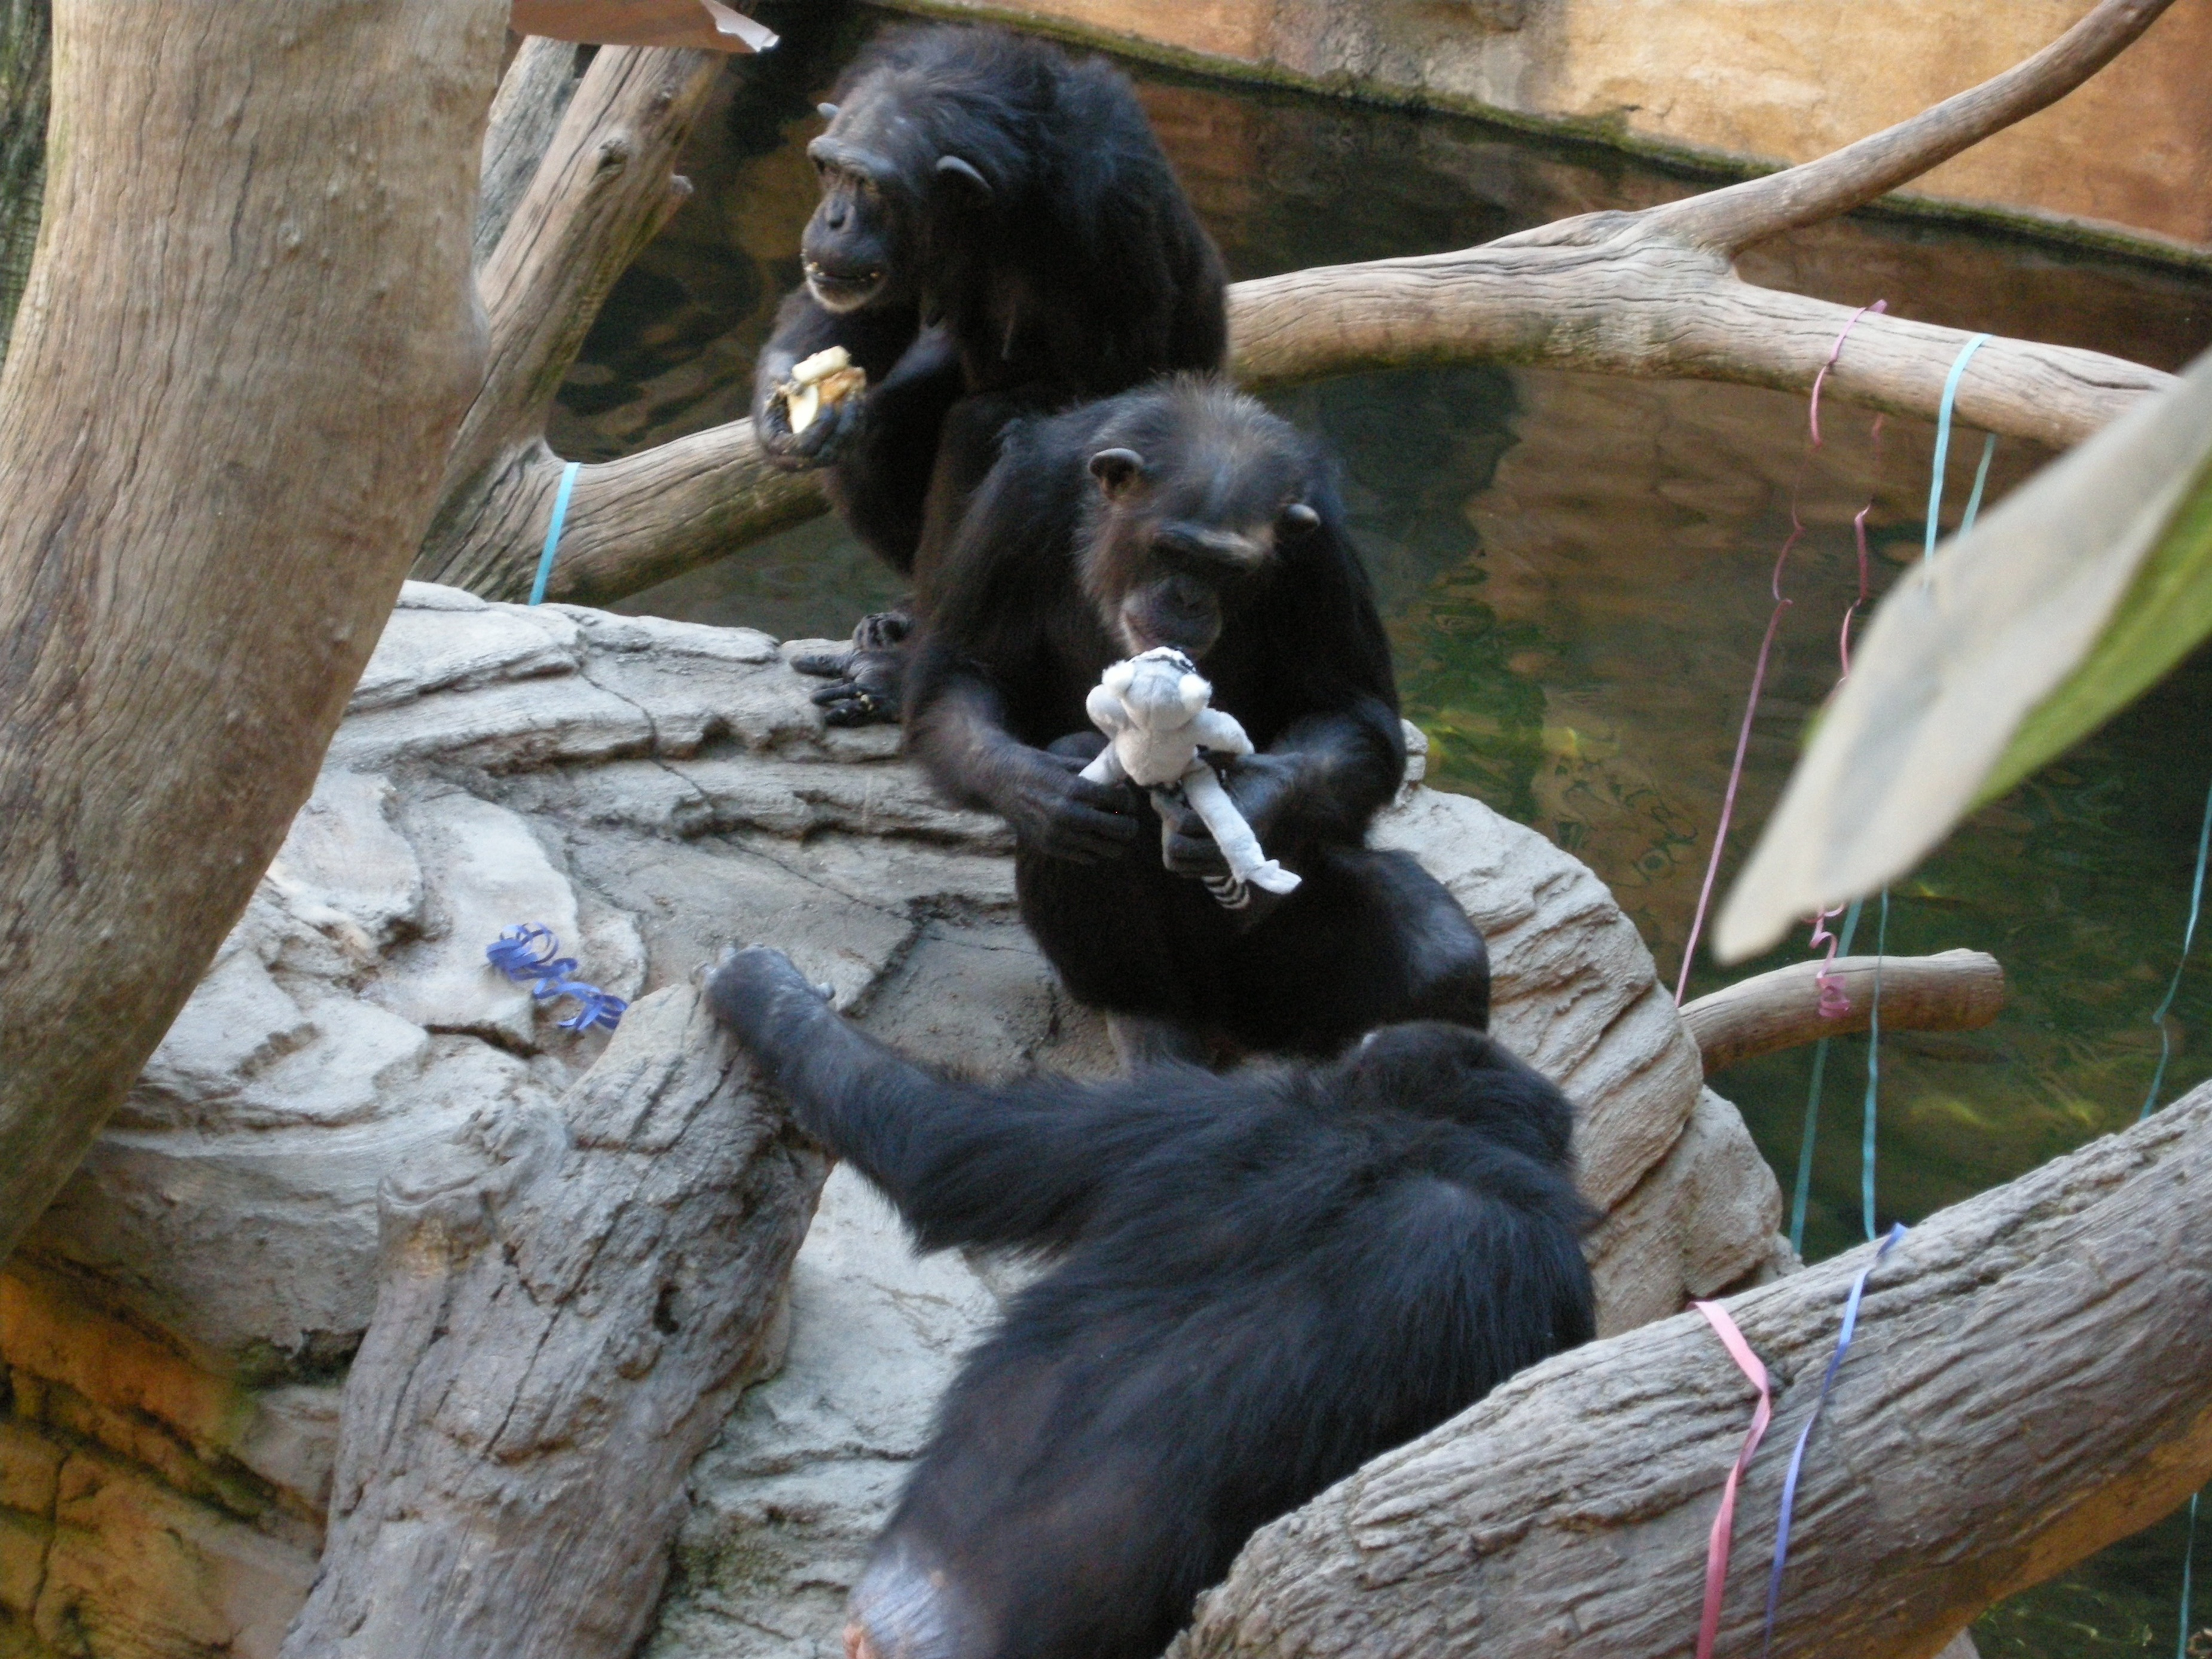 La chimpancé Noelia, de Bioparc Fuengirola, cumple seis años